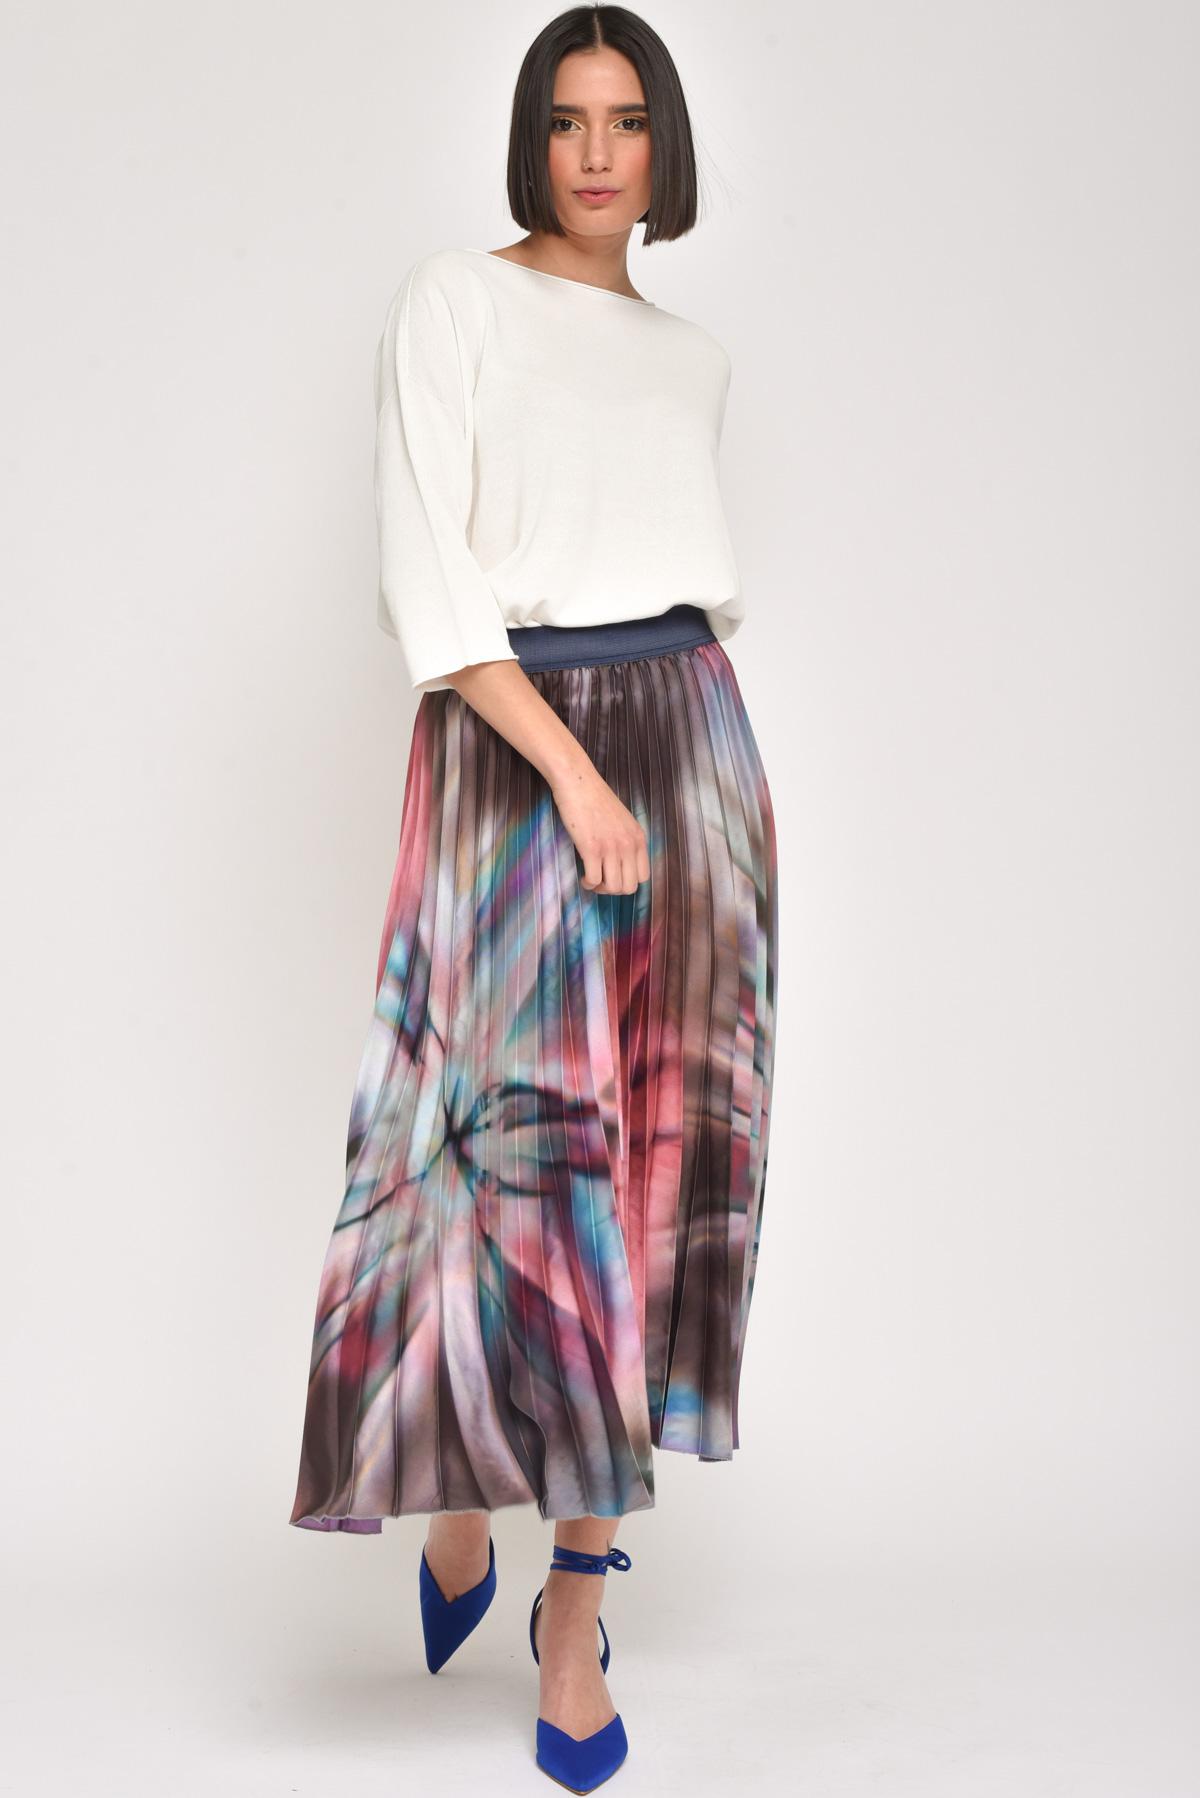 GONNA LUNGA PLISSETTATA  for women - MULTICOLOR - Paquito Pronto Moda Shop Online